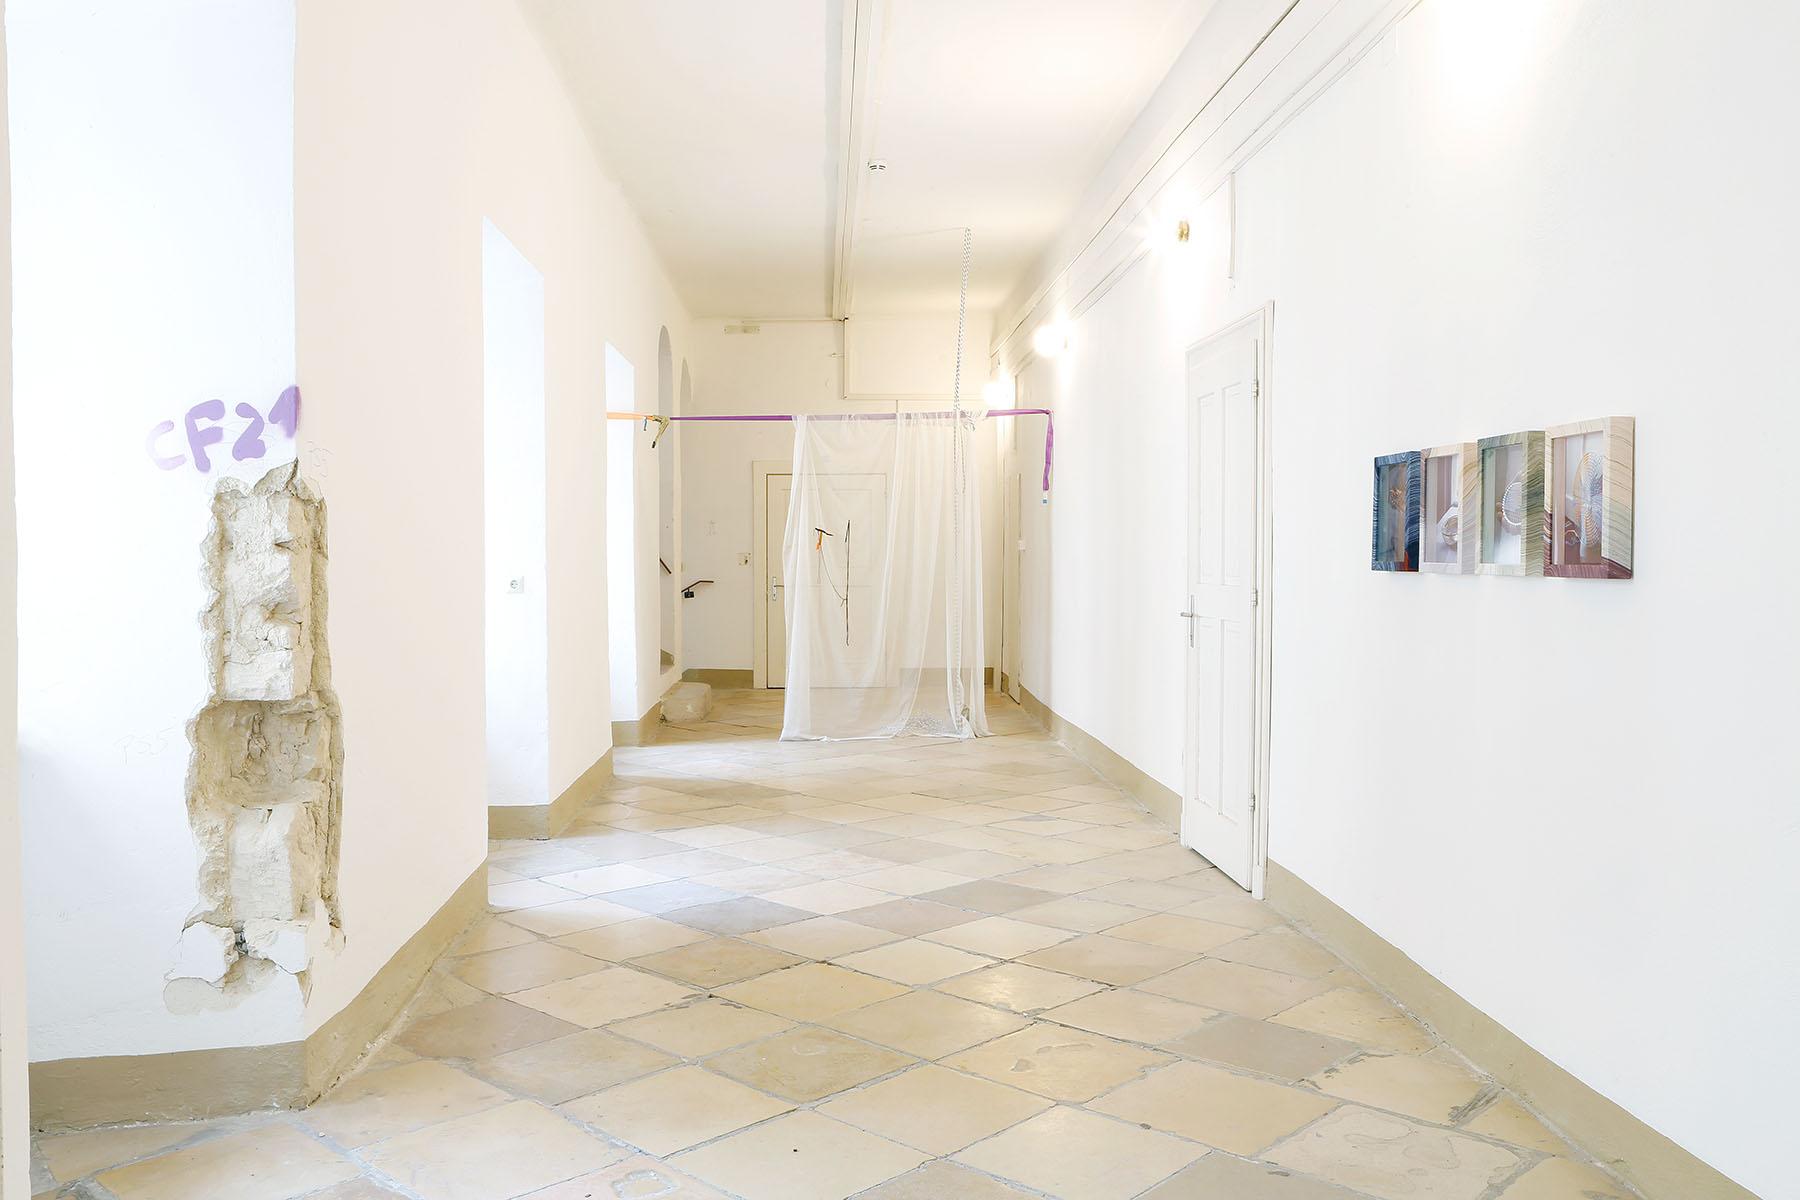 kunst verein eistenstadt, art exhibition now, munchies art club